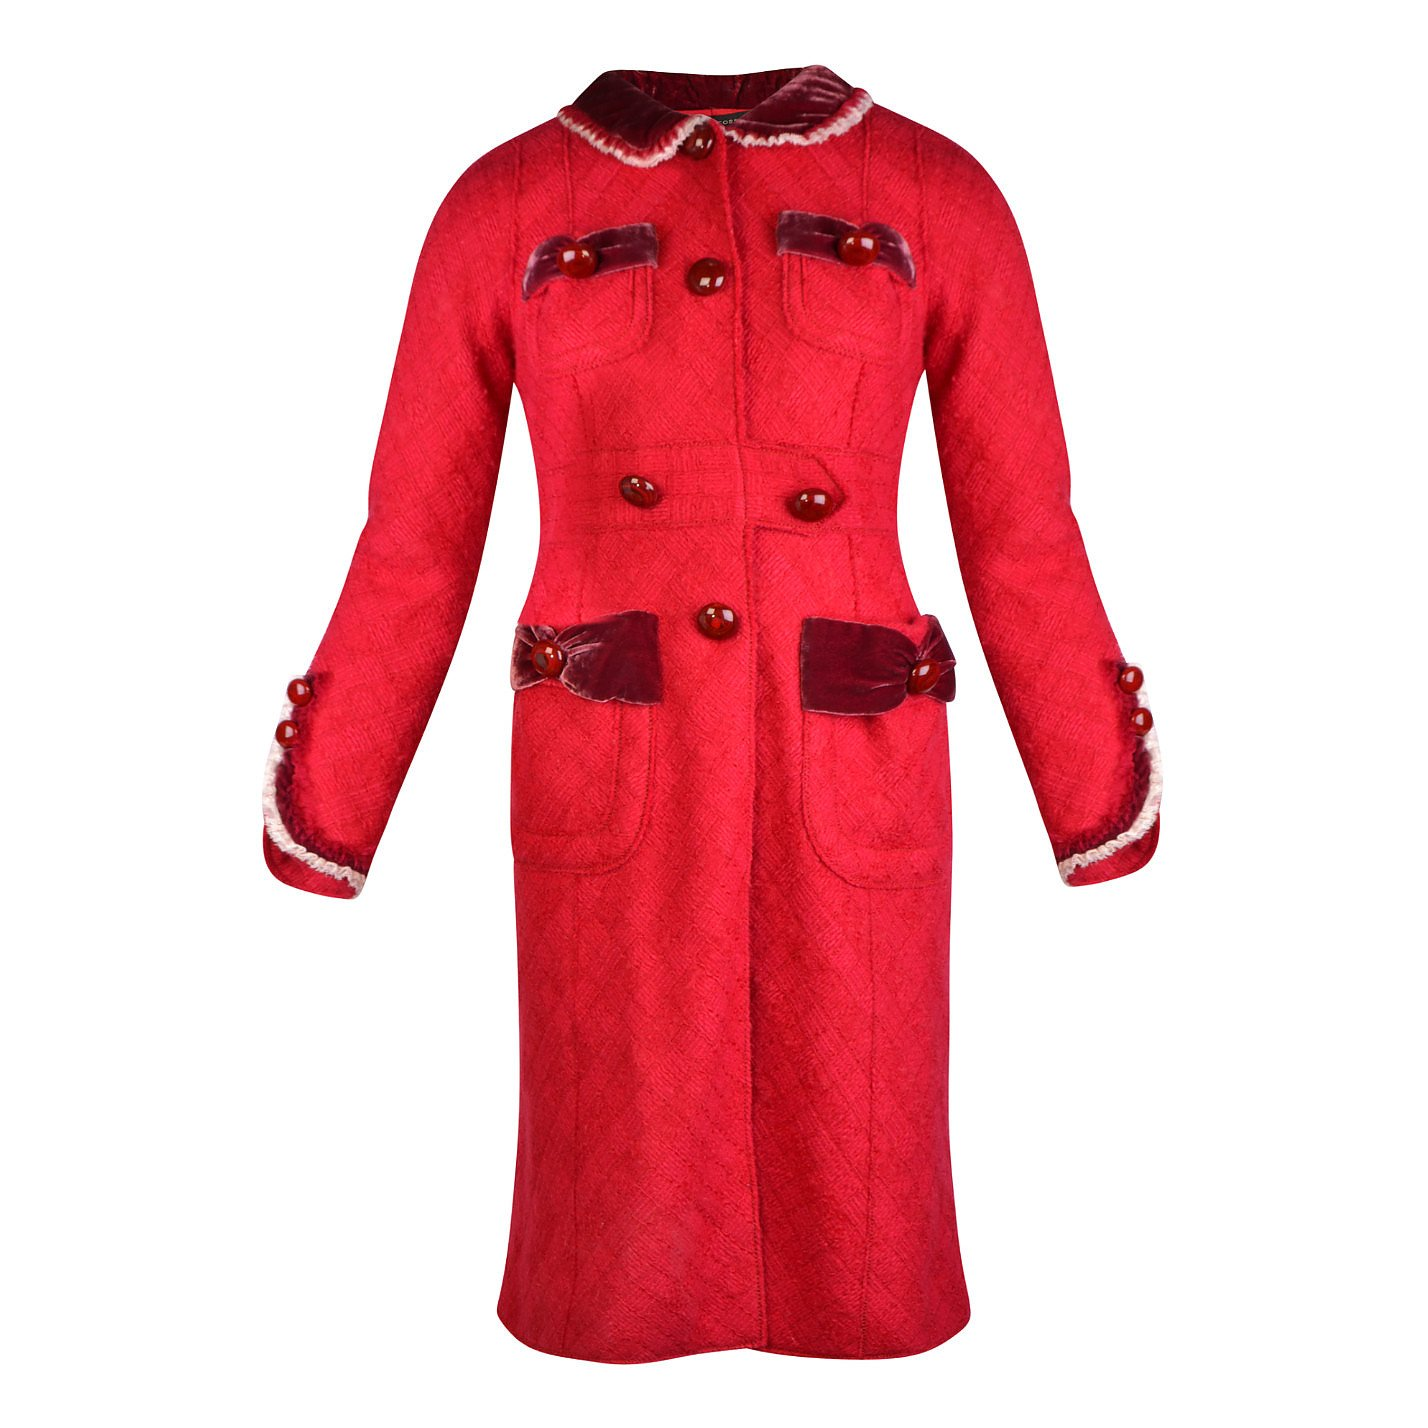 Marc Jacobs Vintage Velvet-Trimmed Wool Coat